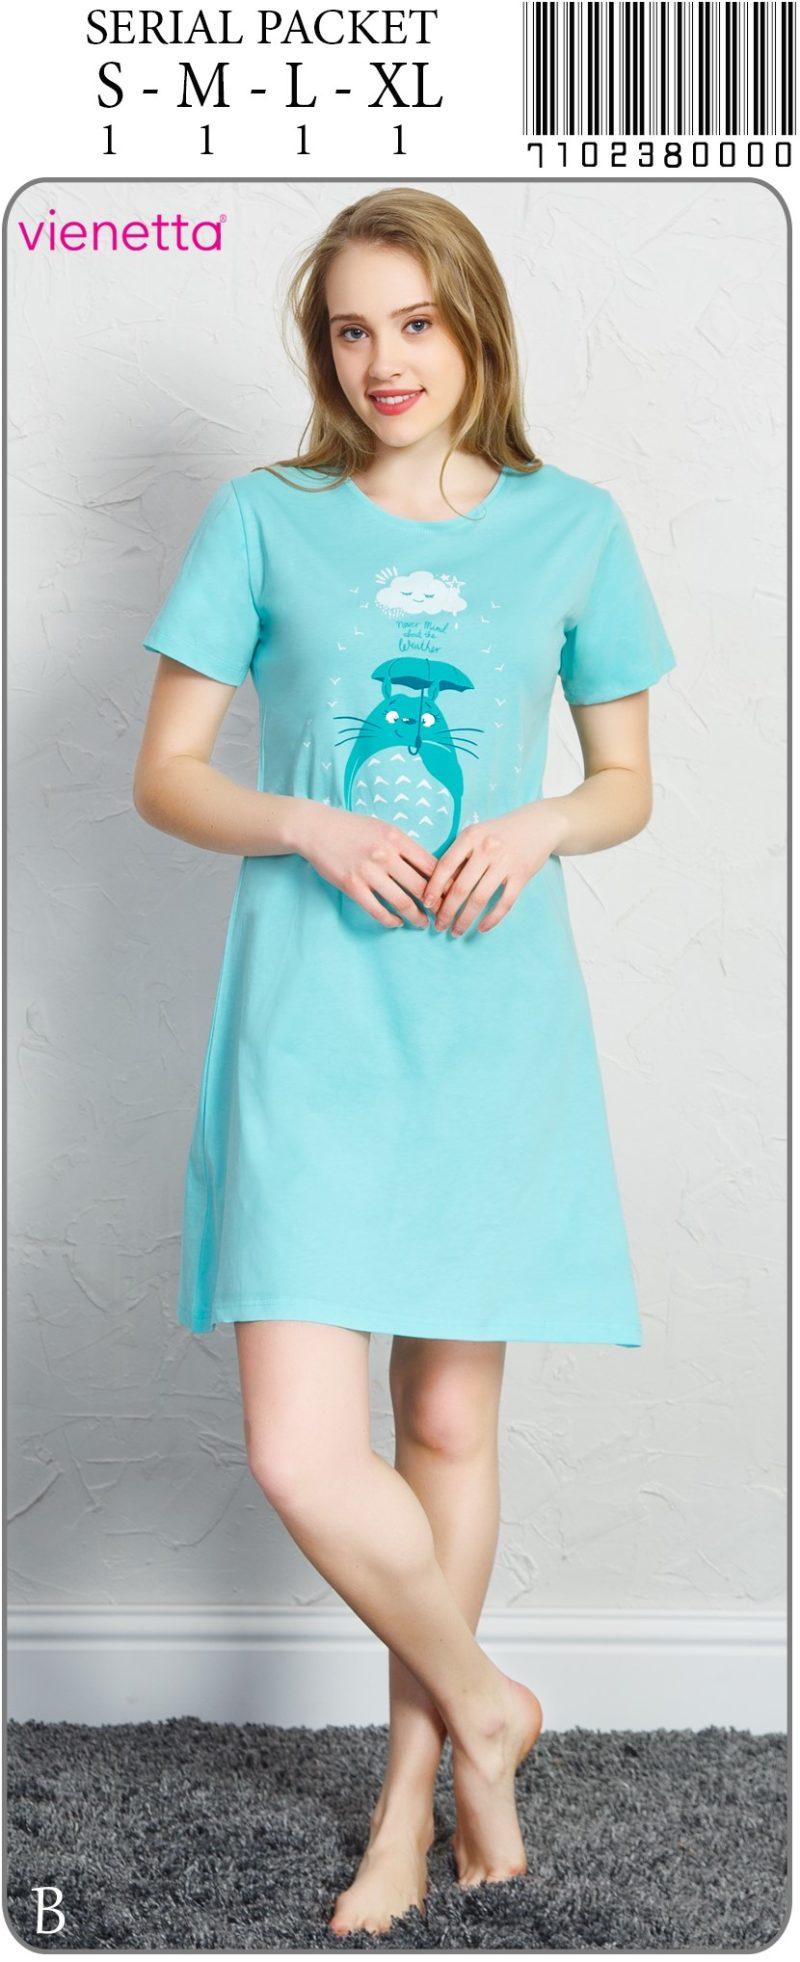 Ночная рубашка 7102380000